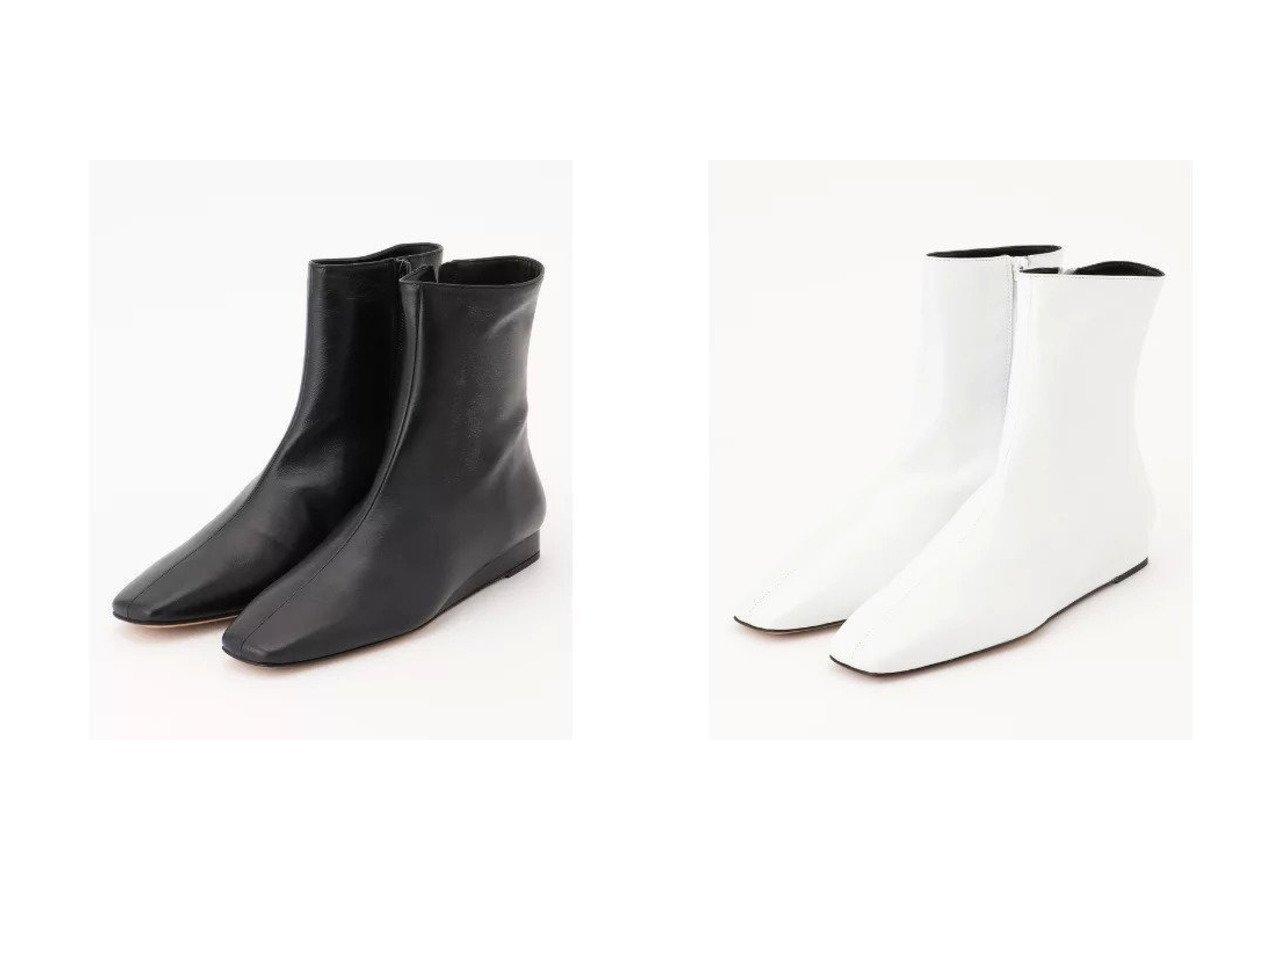 【JOSEPH/ジョゼフ】のコルソローマ ショートブーツ 【シューズ・靴】おすすめ!人気、トレンド・レディースファッションの通販 おすすめで人気の流行・トレンド、ファッションの通販商品 インテリア・家具・メンズファッション・キッズファッション・レディースファッション・服の通販 founy(ファニー) https://founy.com/ ファッション Fashion レディースファッション WOMEN クール シューズ ショート スクエア ロング |ID:crp329100000072576